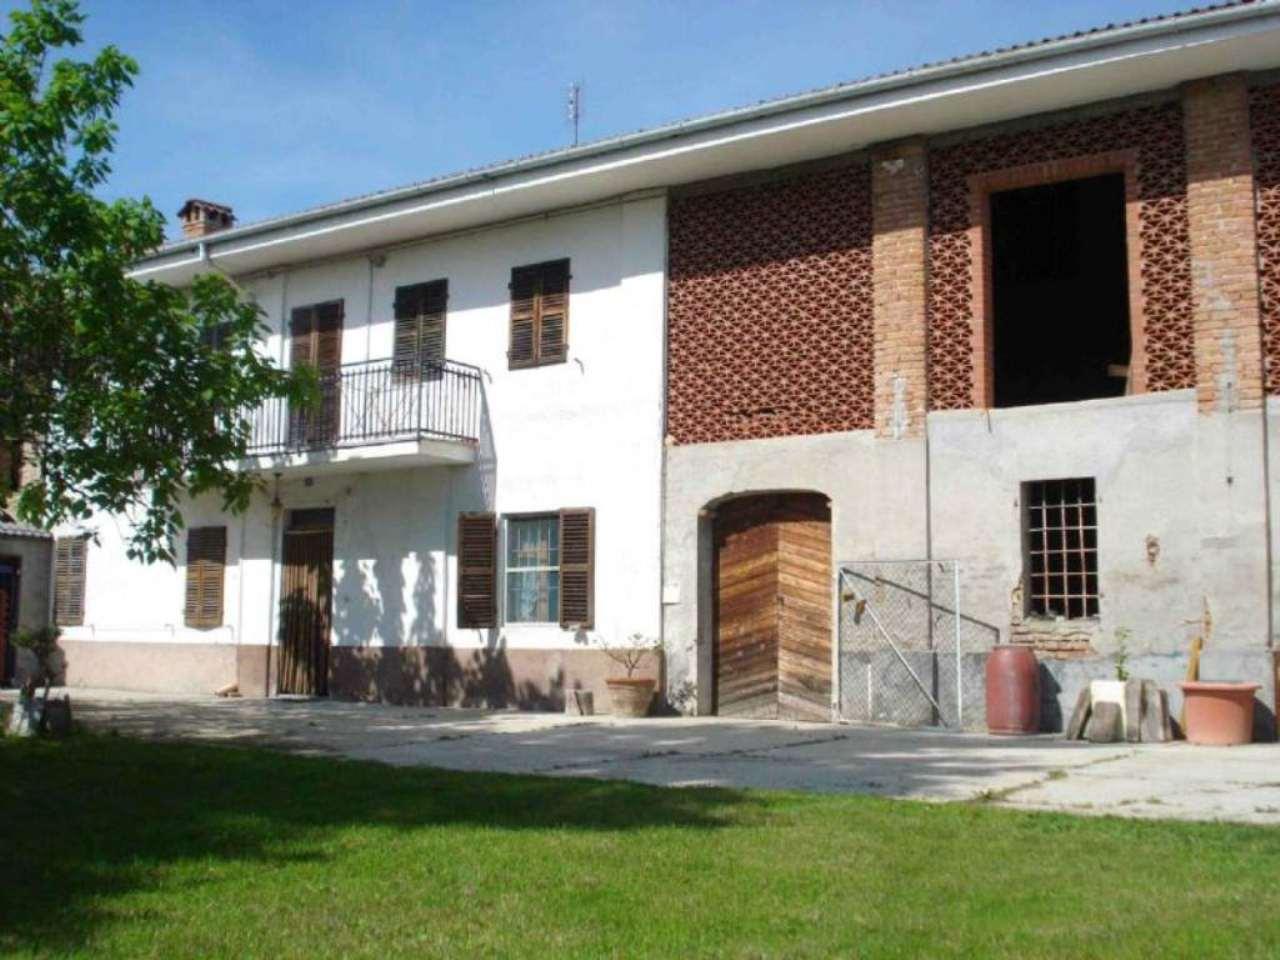 Rustico / Casale in vendita a Moncucco Torinese, 6 locali, prezzo € 350.000 | Cambio Casa.it